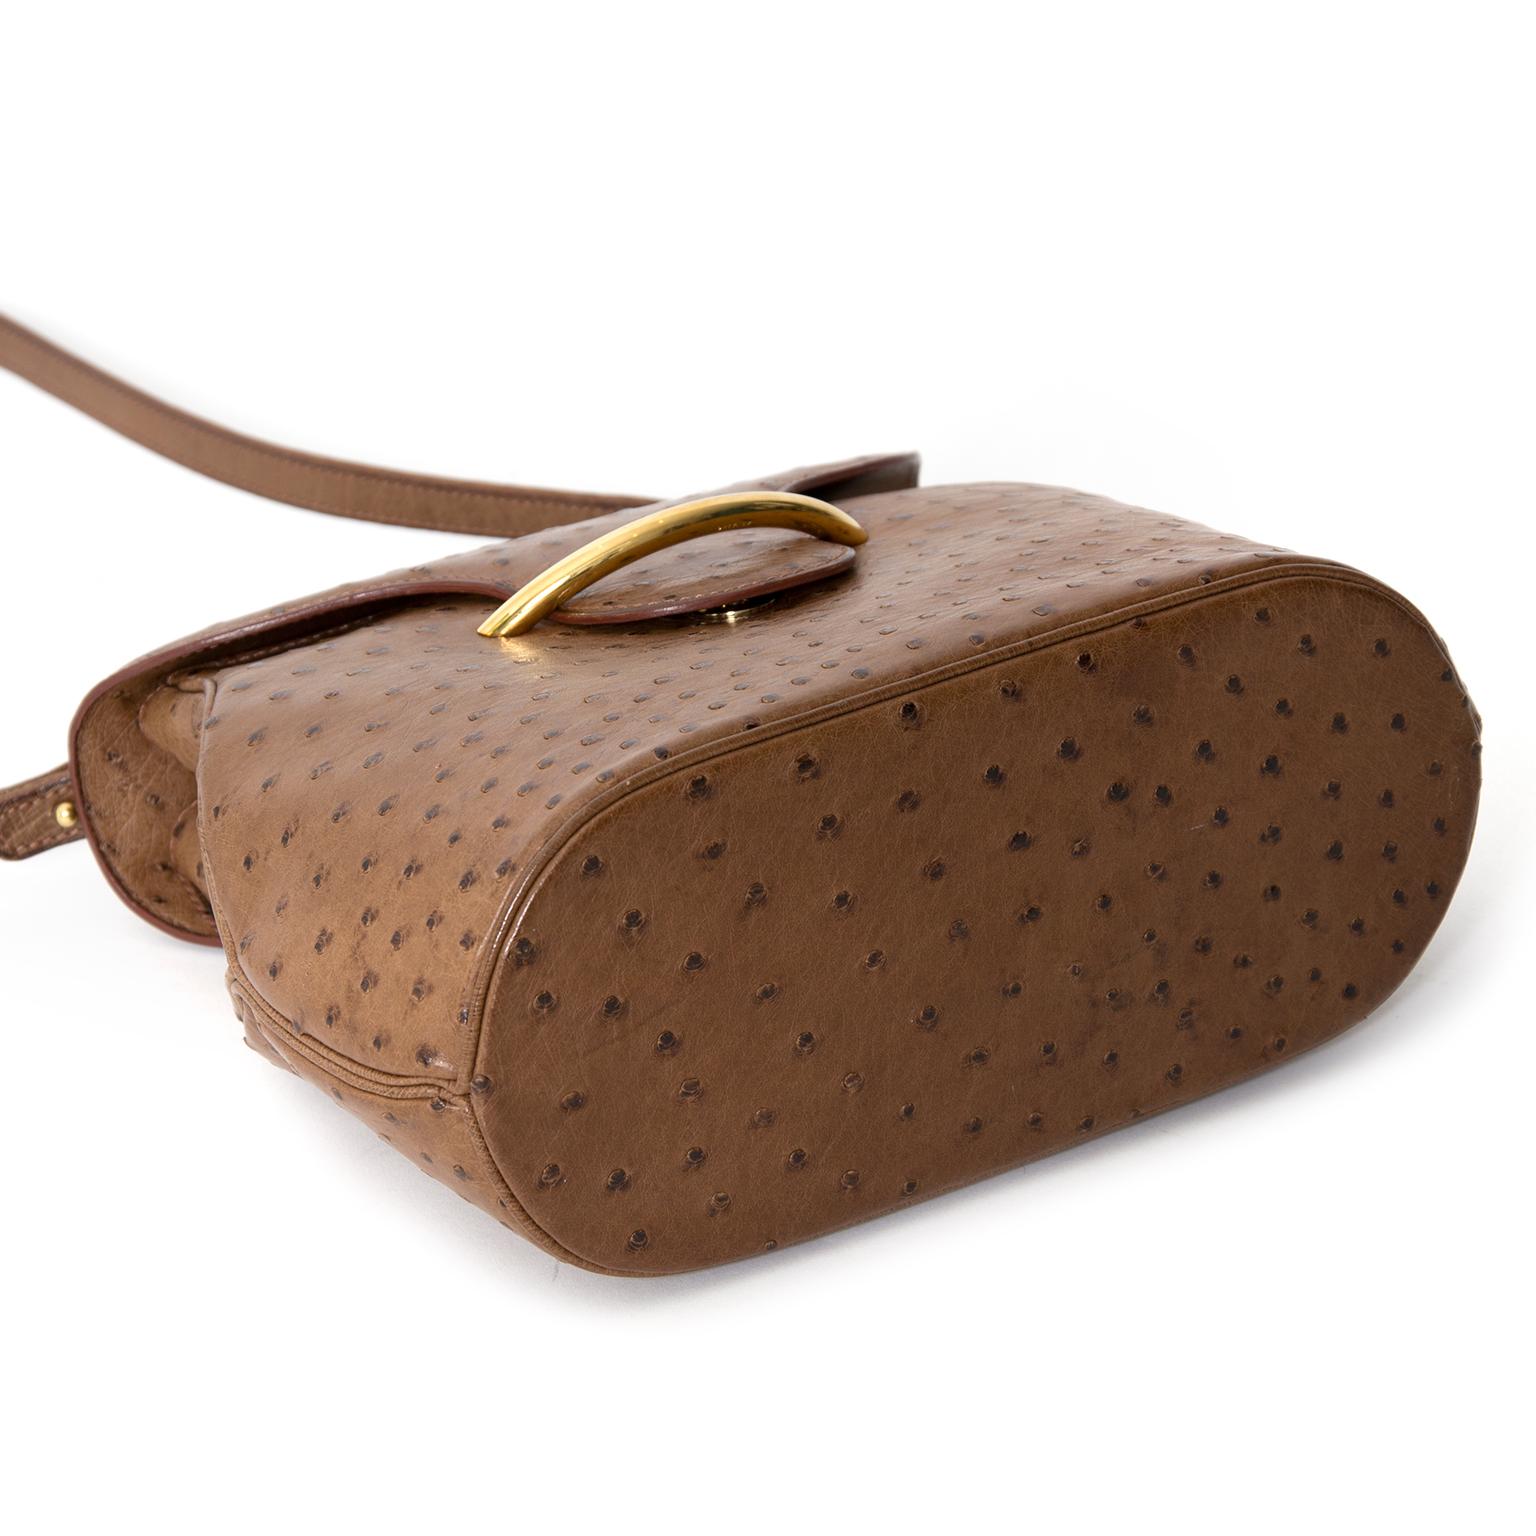 Acheter en ligne au LabelLOV ce sac à main shop online secondhand authentic designer vintage